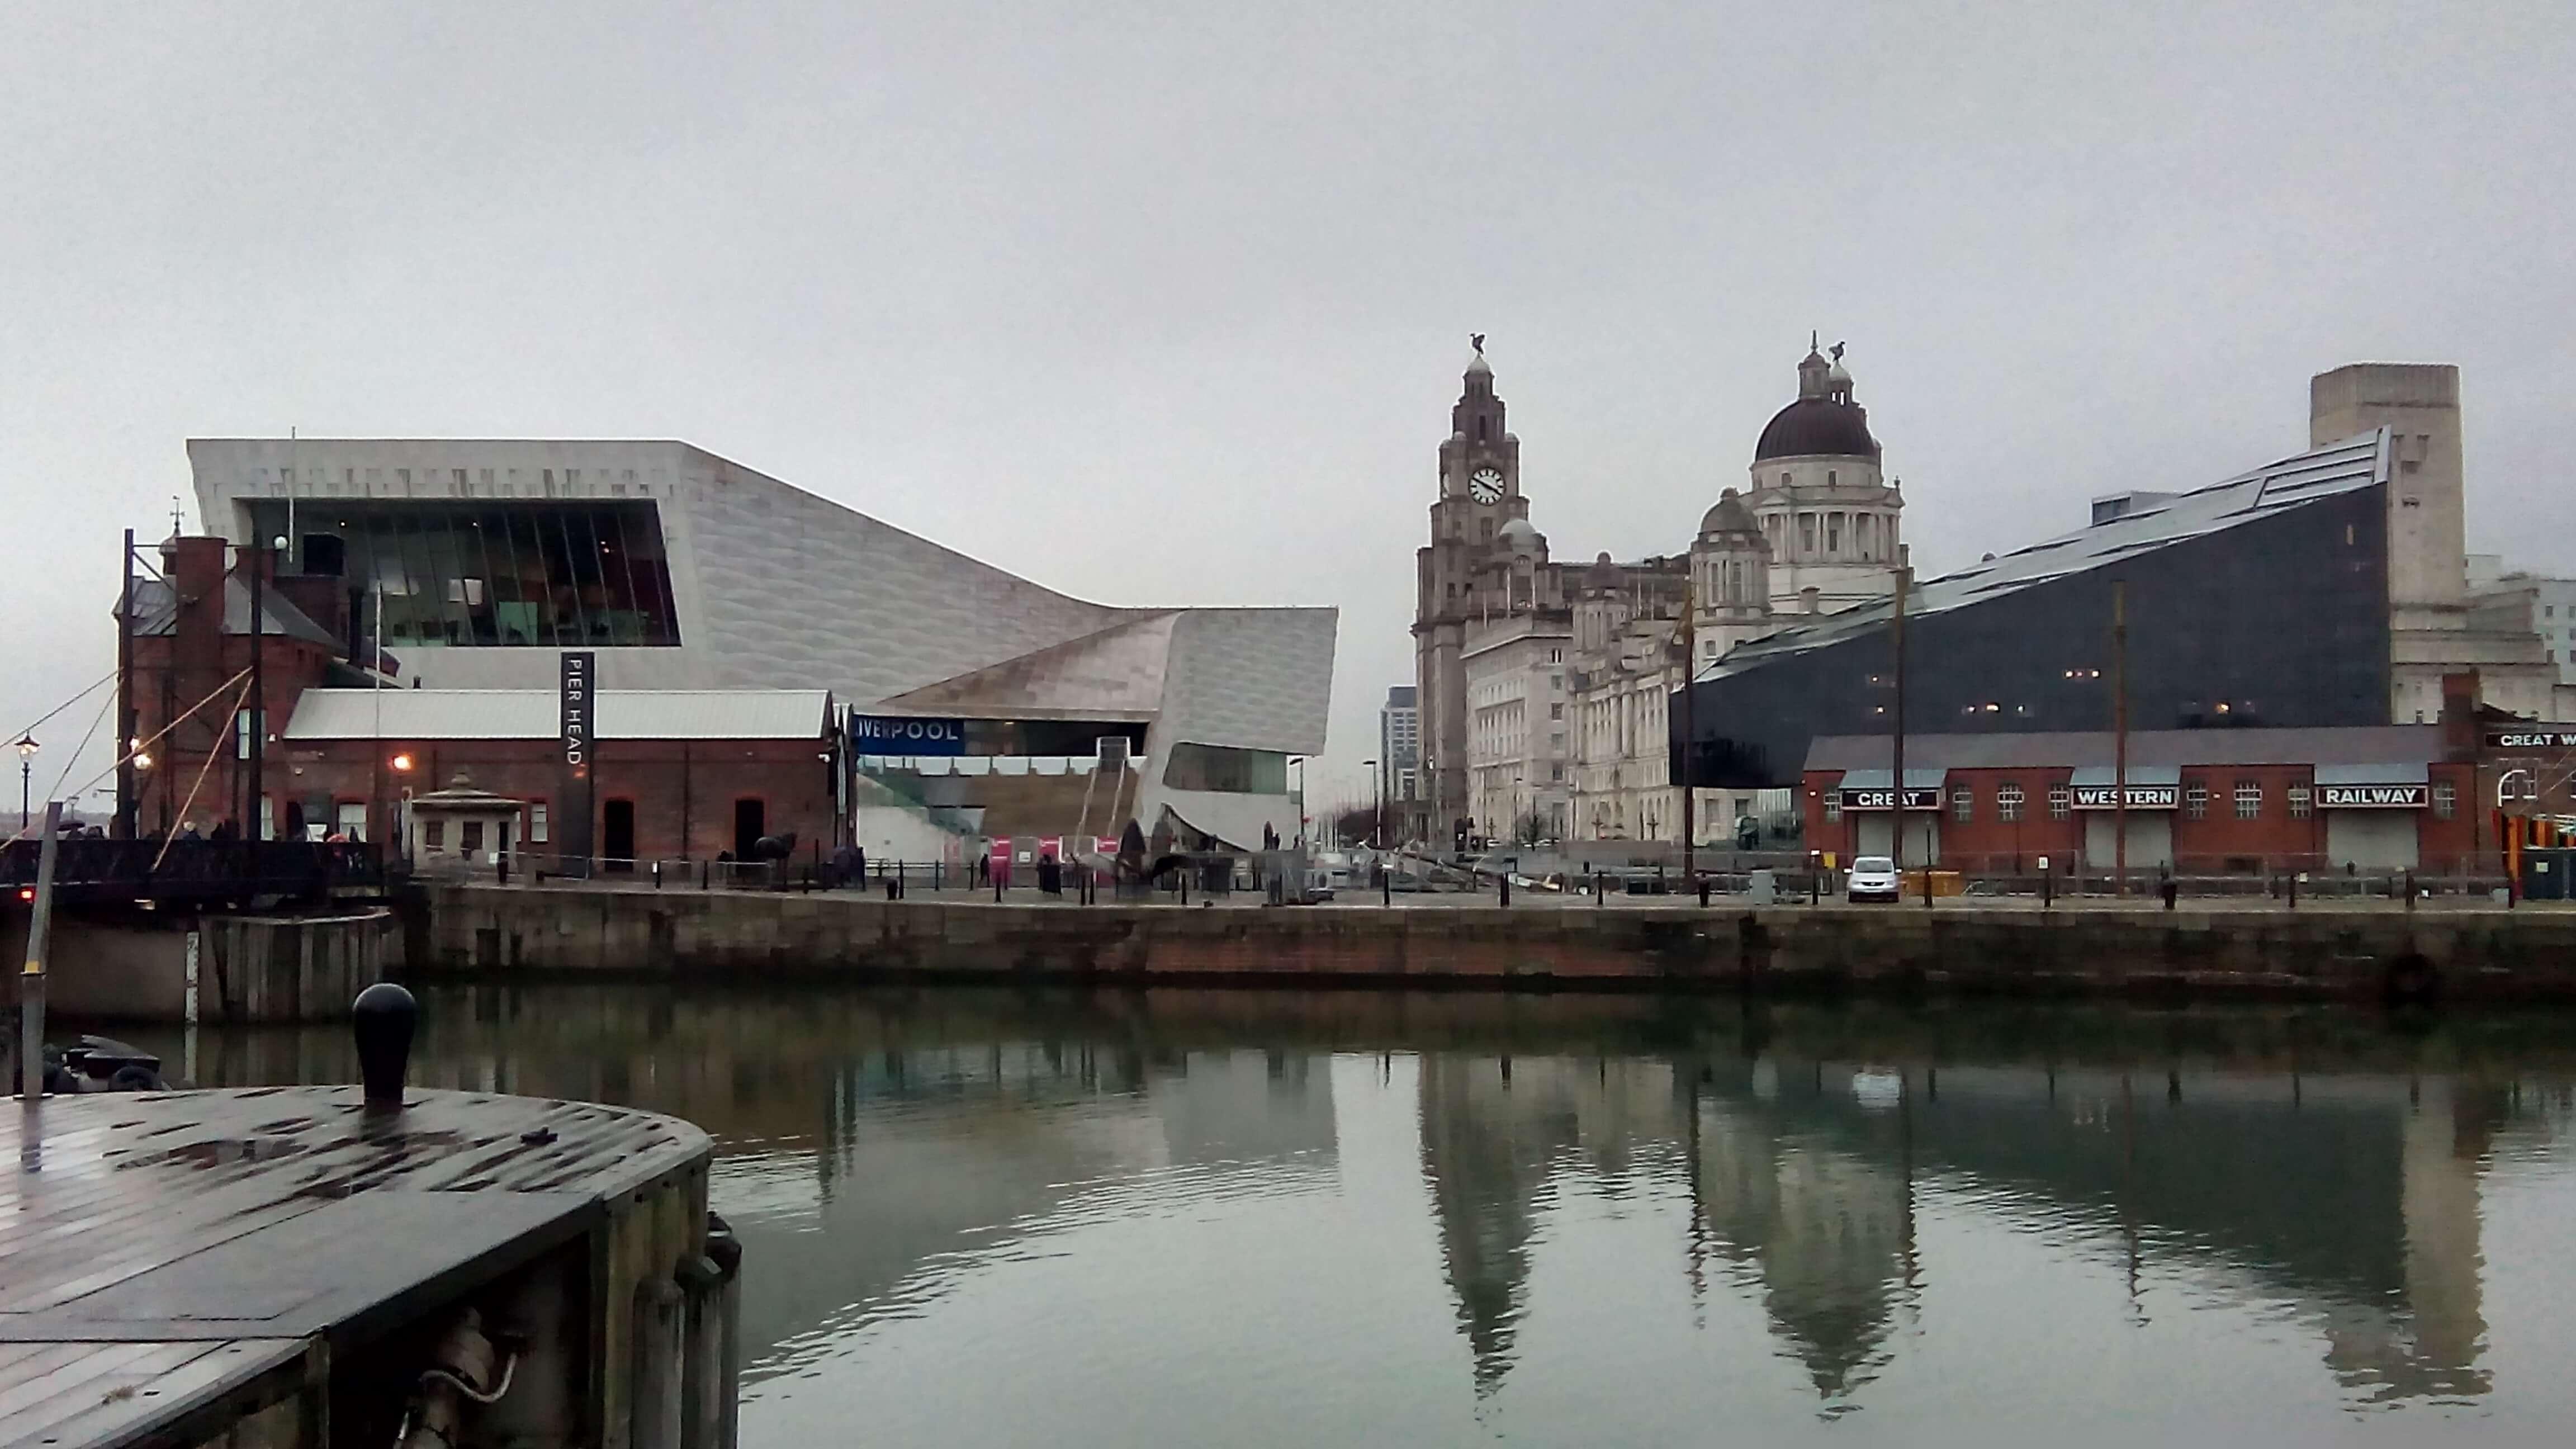 Район «Ливерпульский порт». Вид на Музей Ливерпуля и «Ройал Лайвер Билдинг»